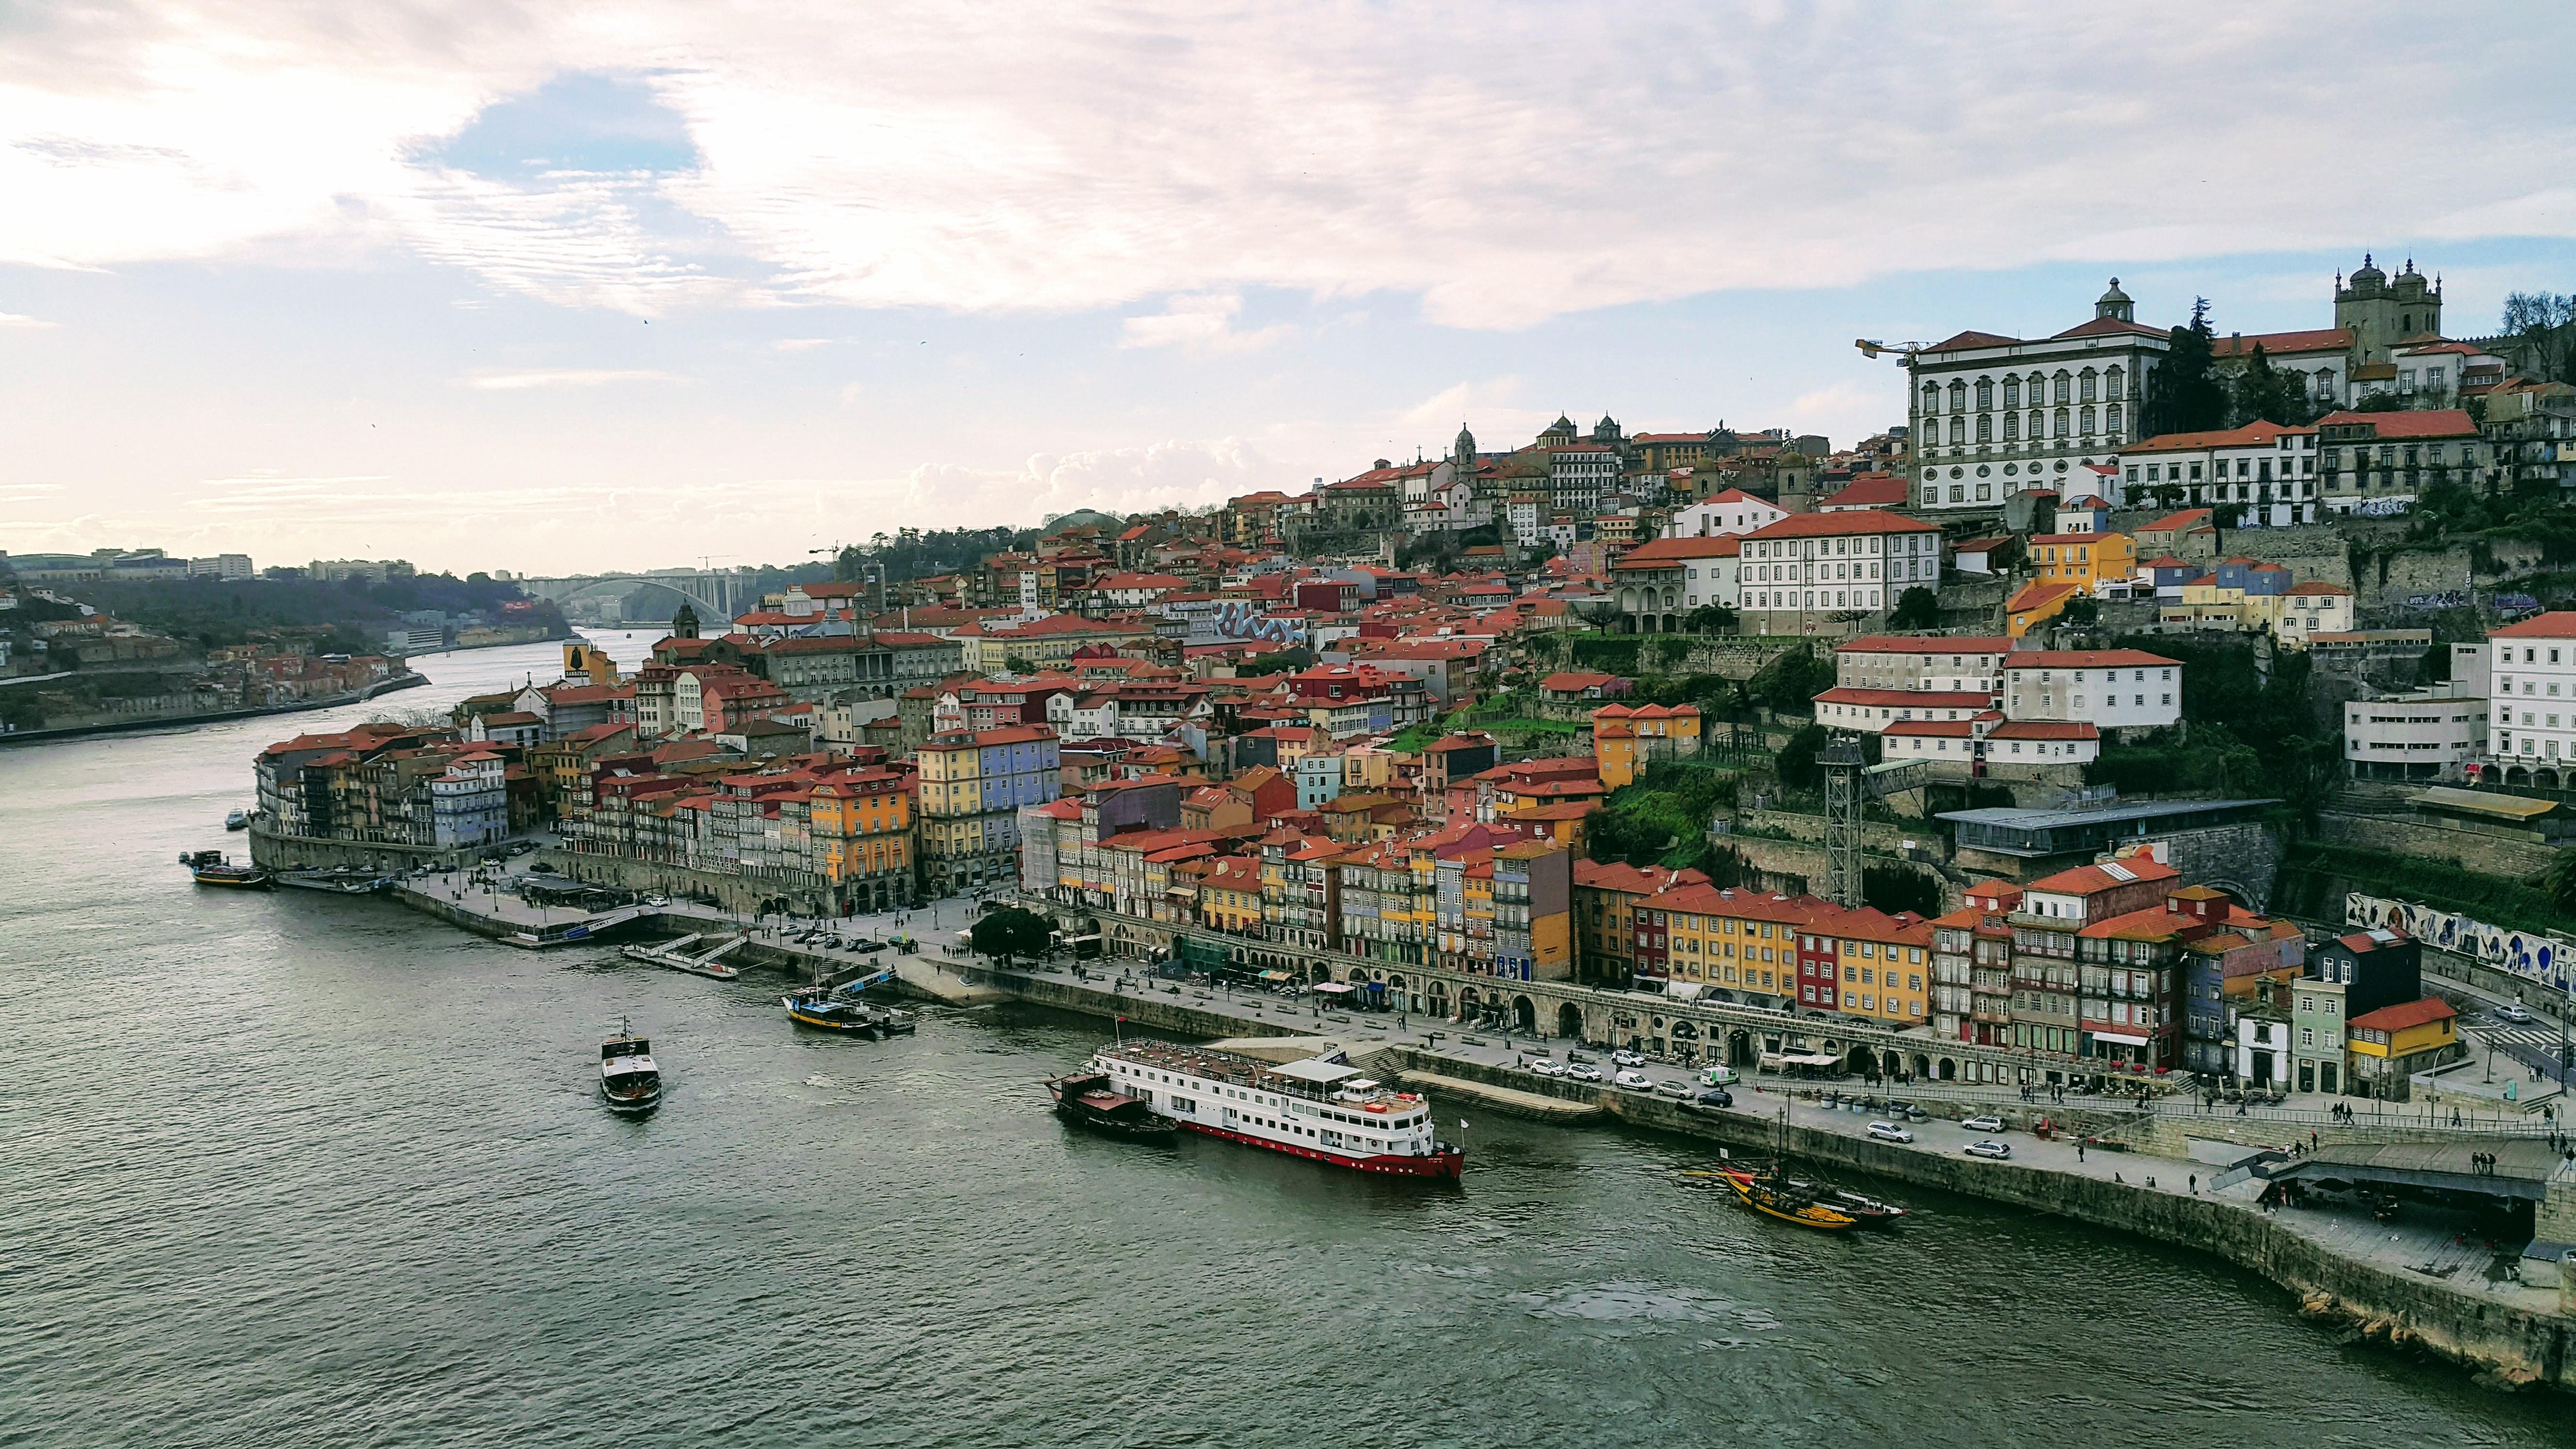 Porto'dan Genel Bir Görünüm